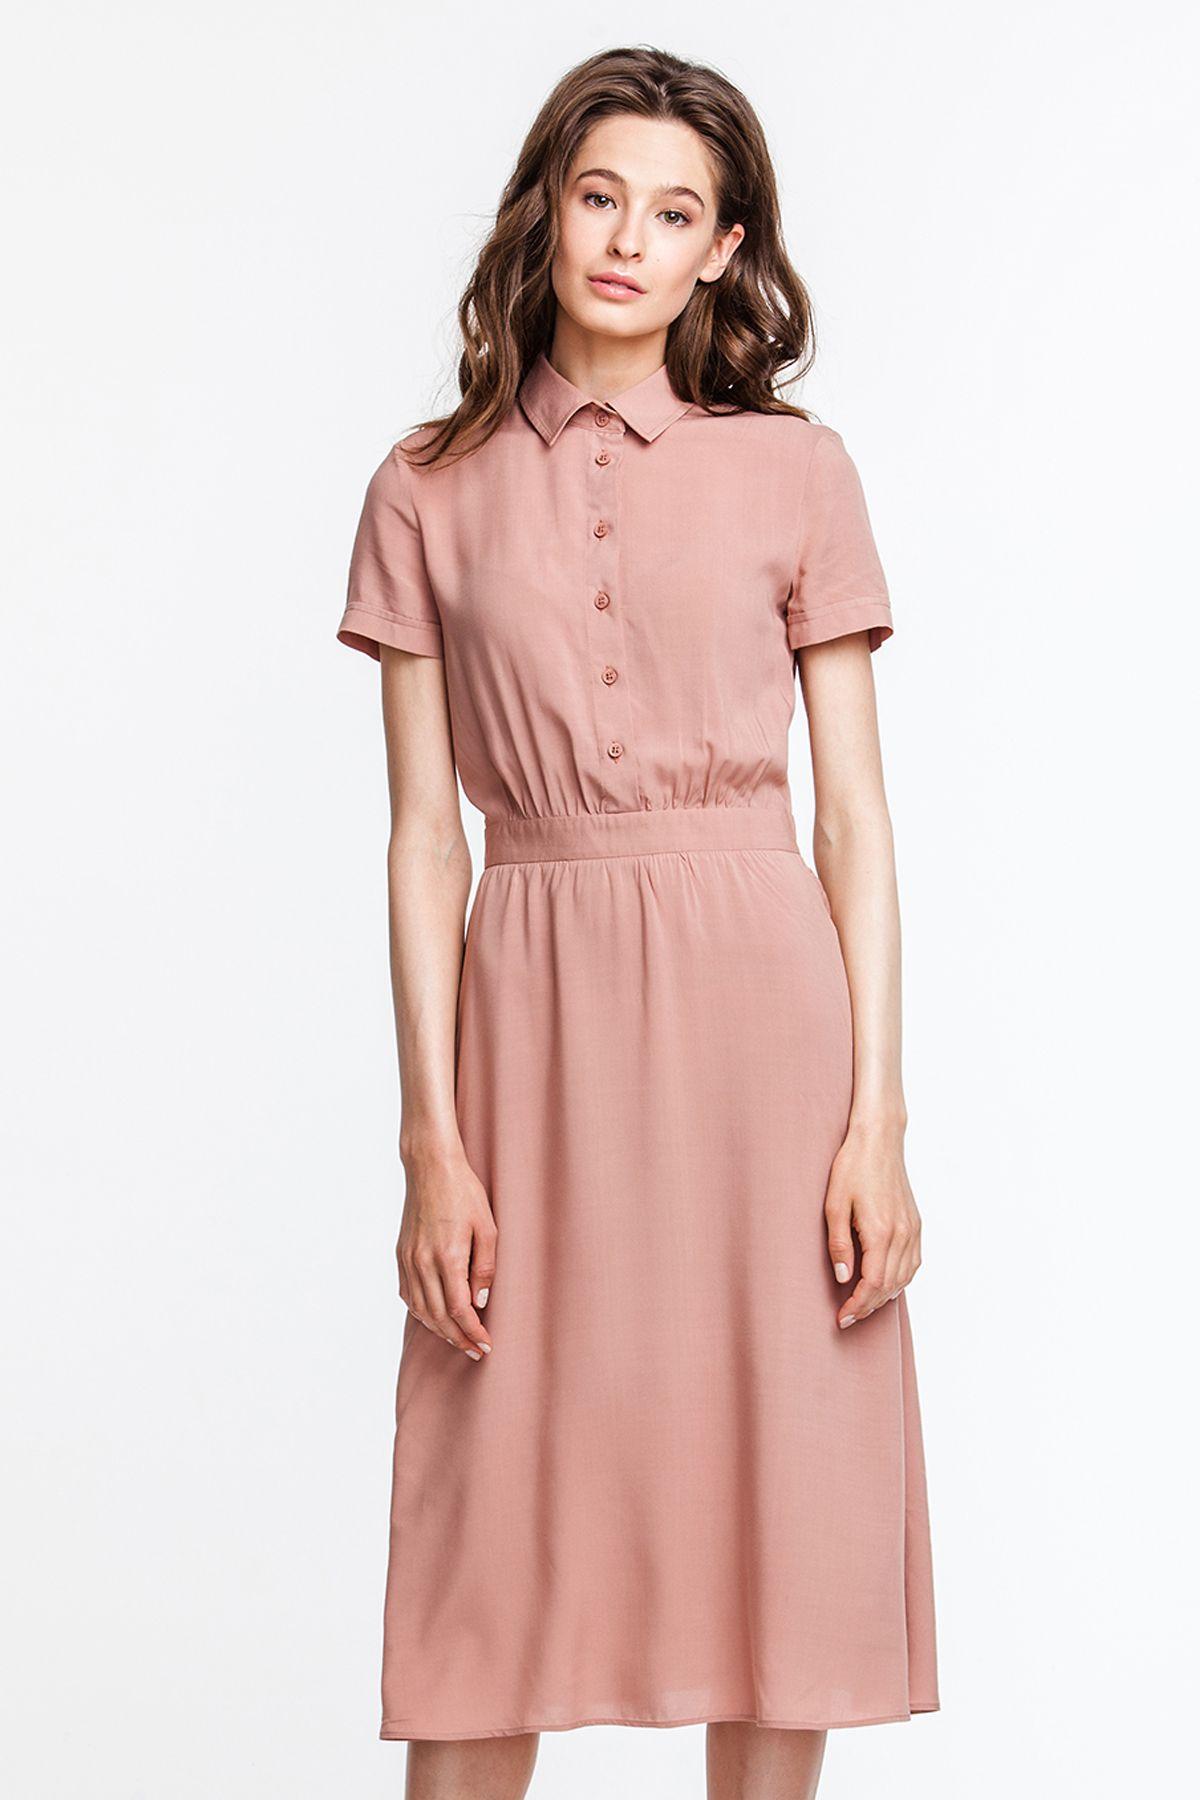 72019c9f613a 2613 Платье бежевое рубашечный верх, юбка миди купить в Украине, цена в  каталоге интернет